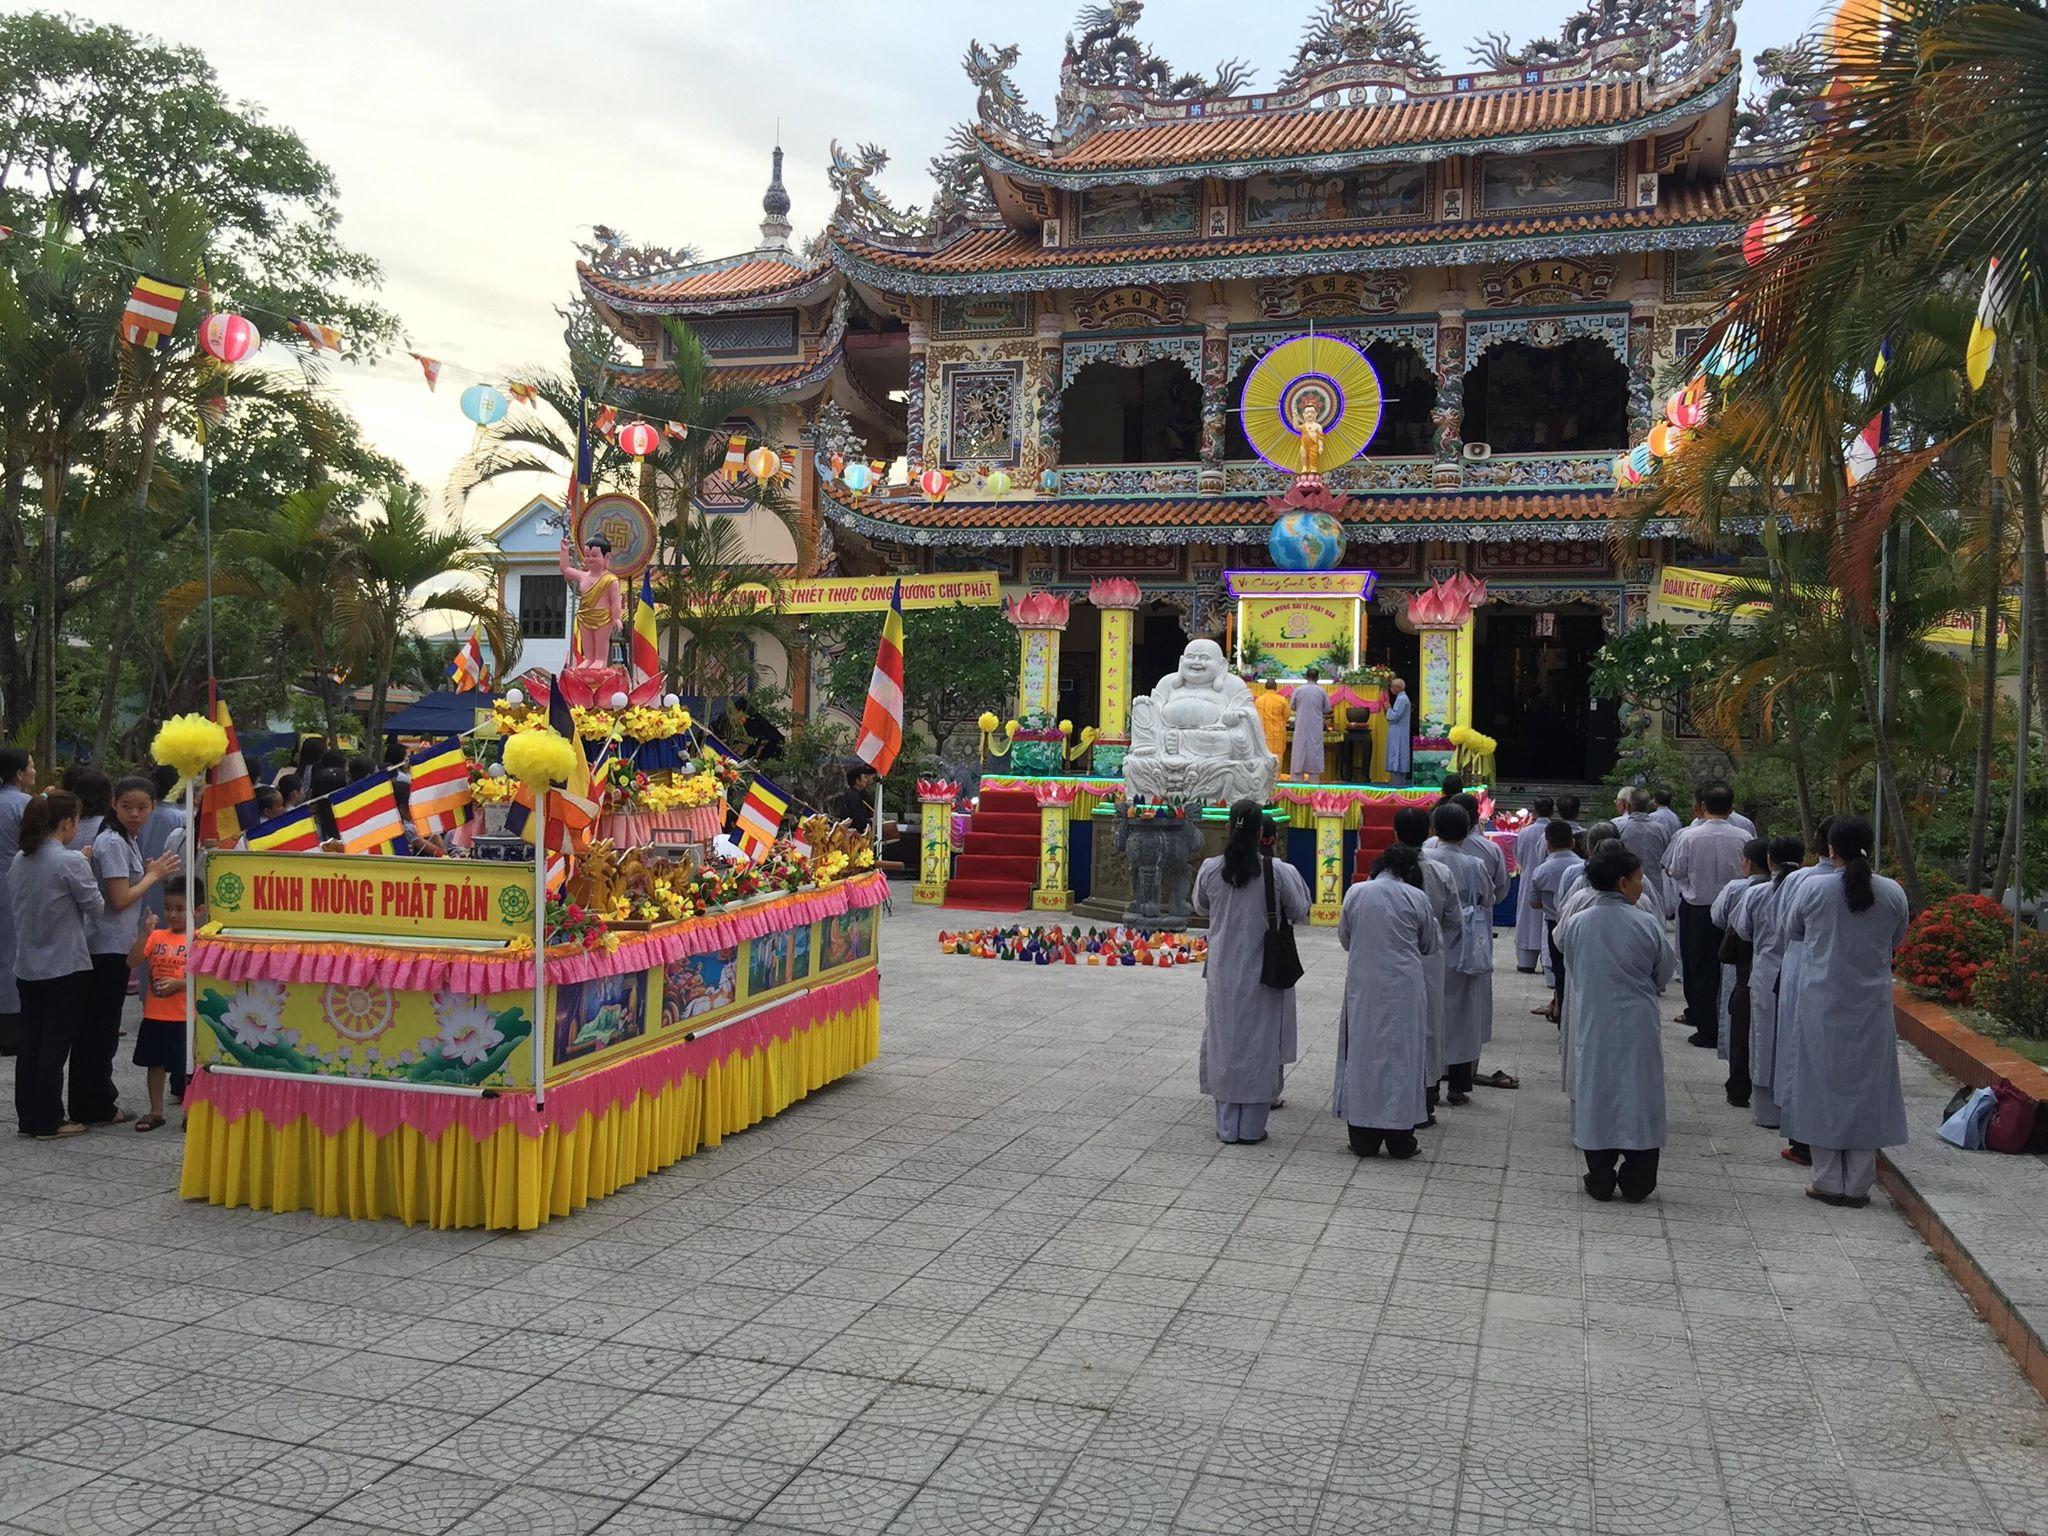 Mùa Phật Đản PL 2562 Tại Quê Hương An Bằng